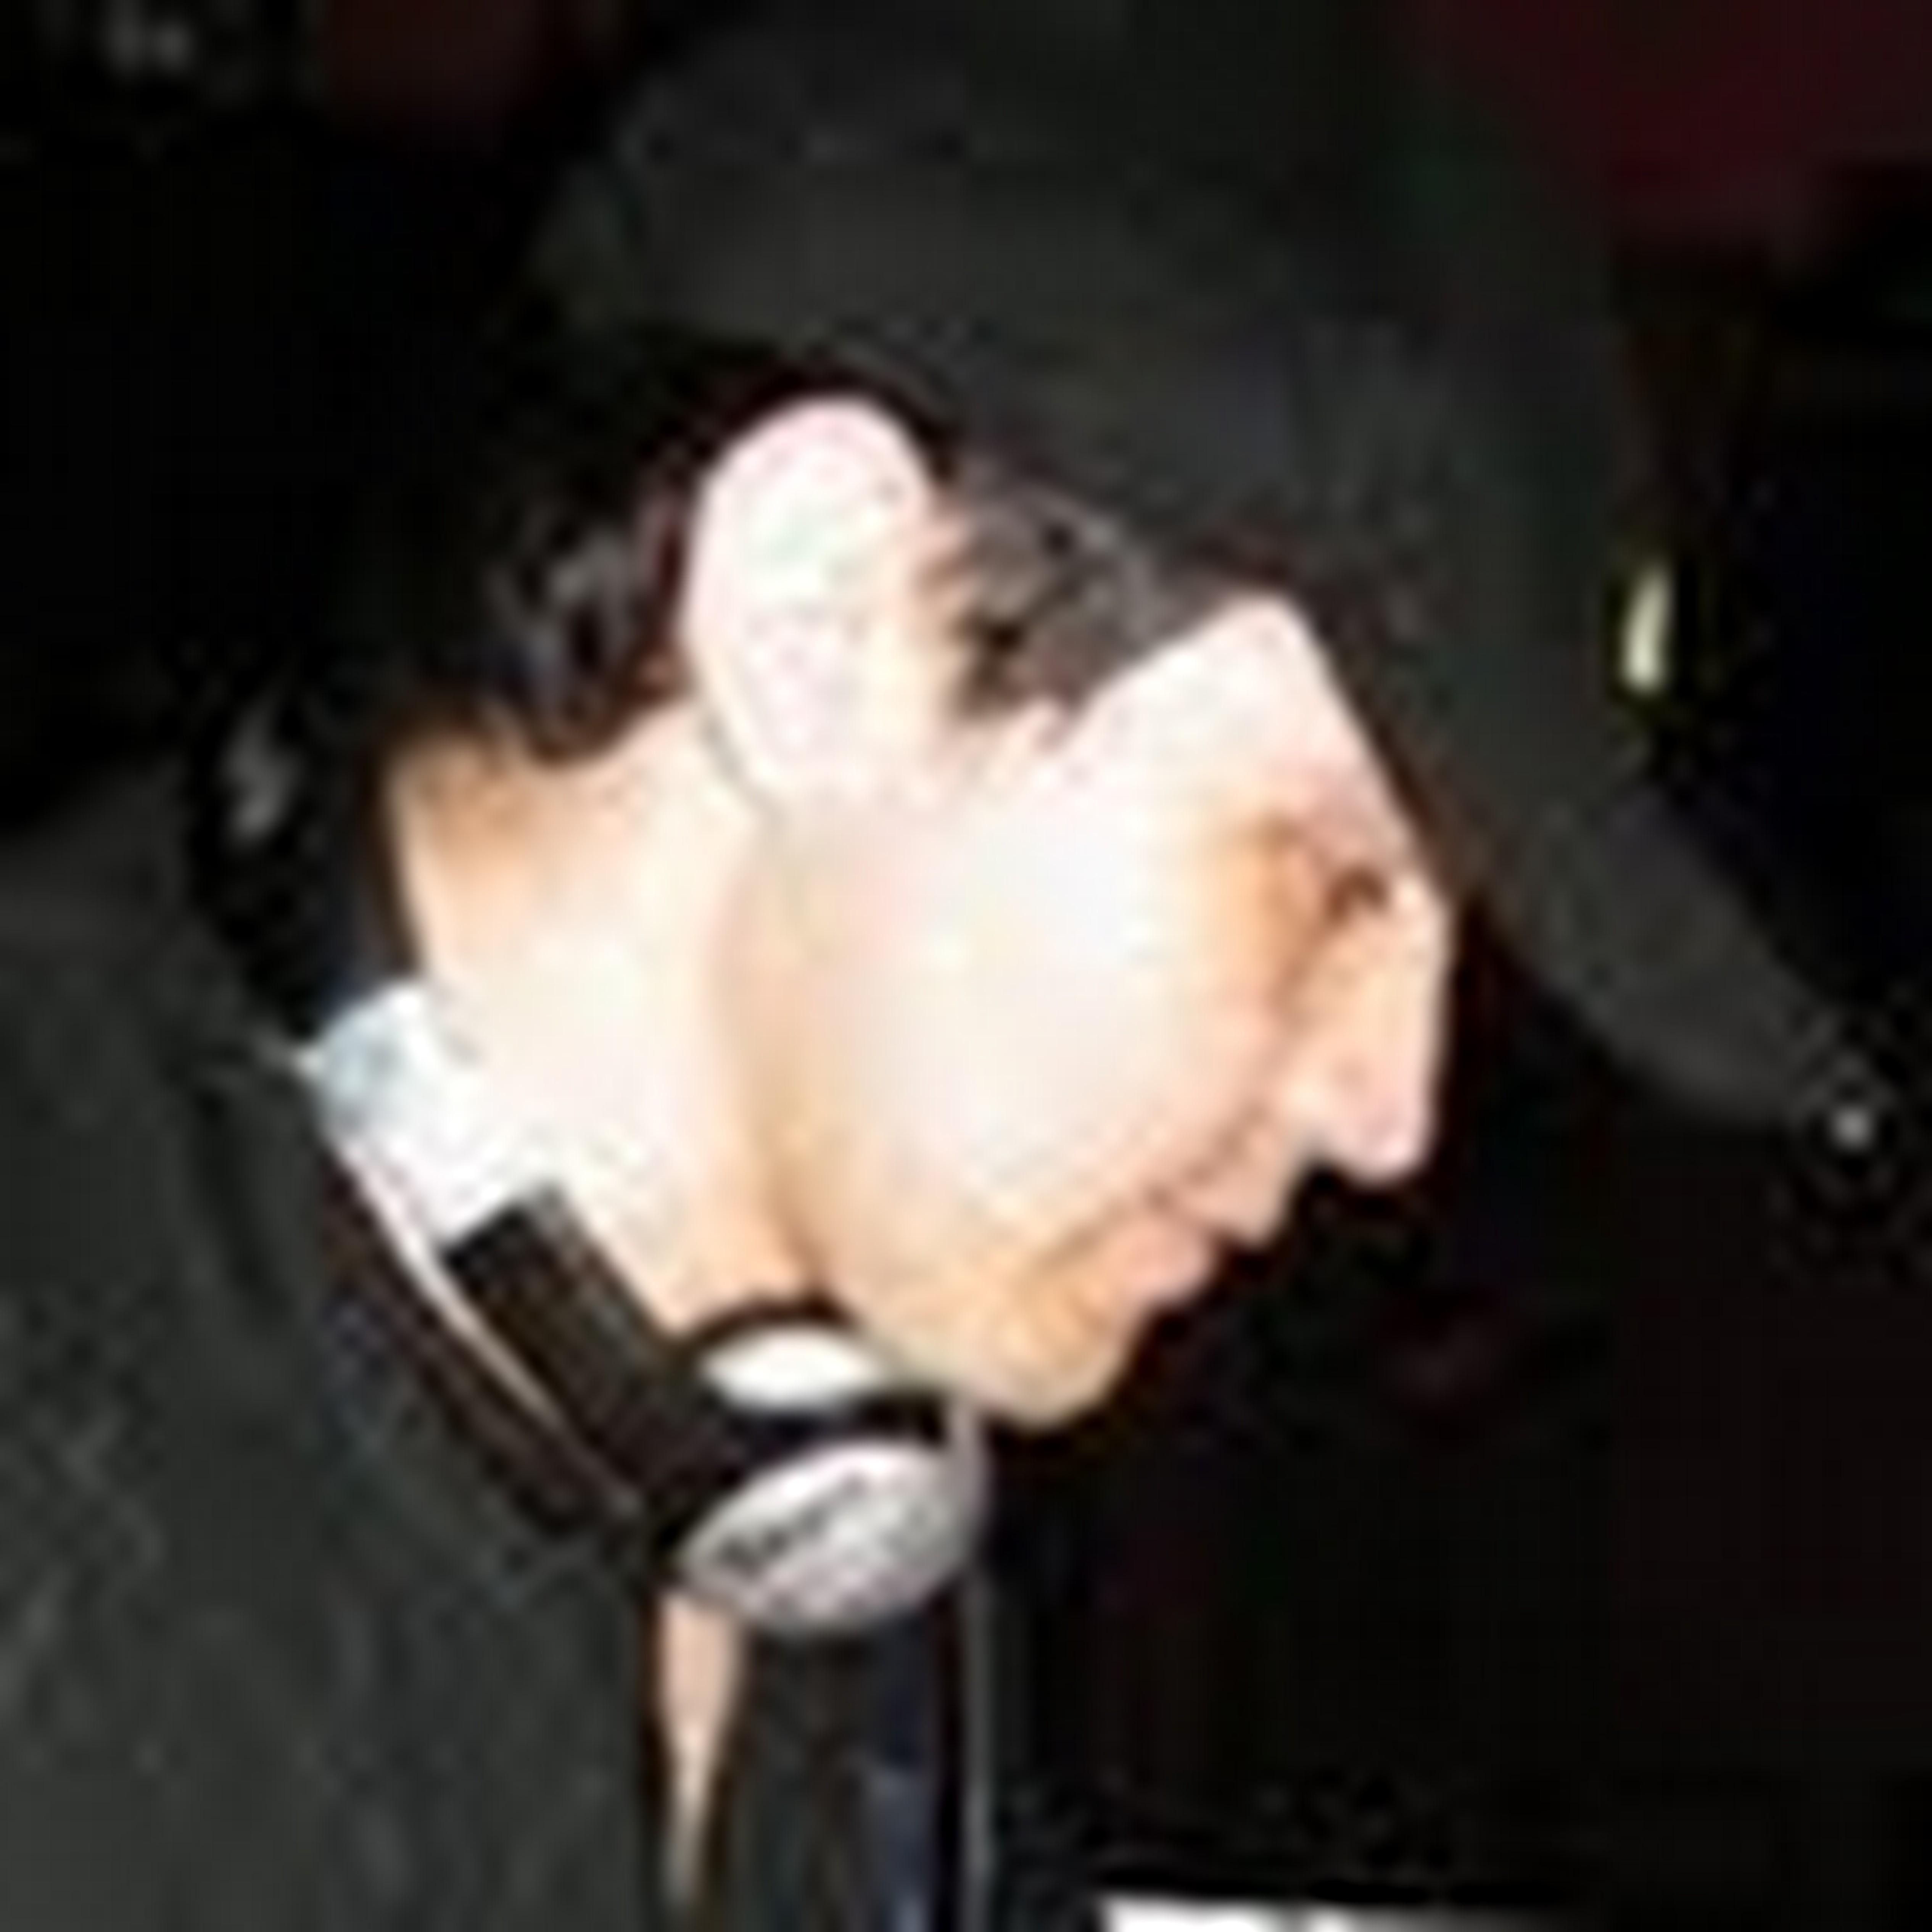 Djcrazymix2005